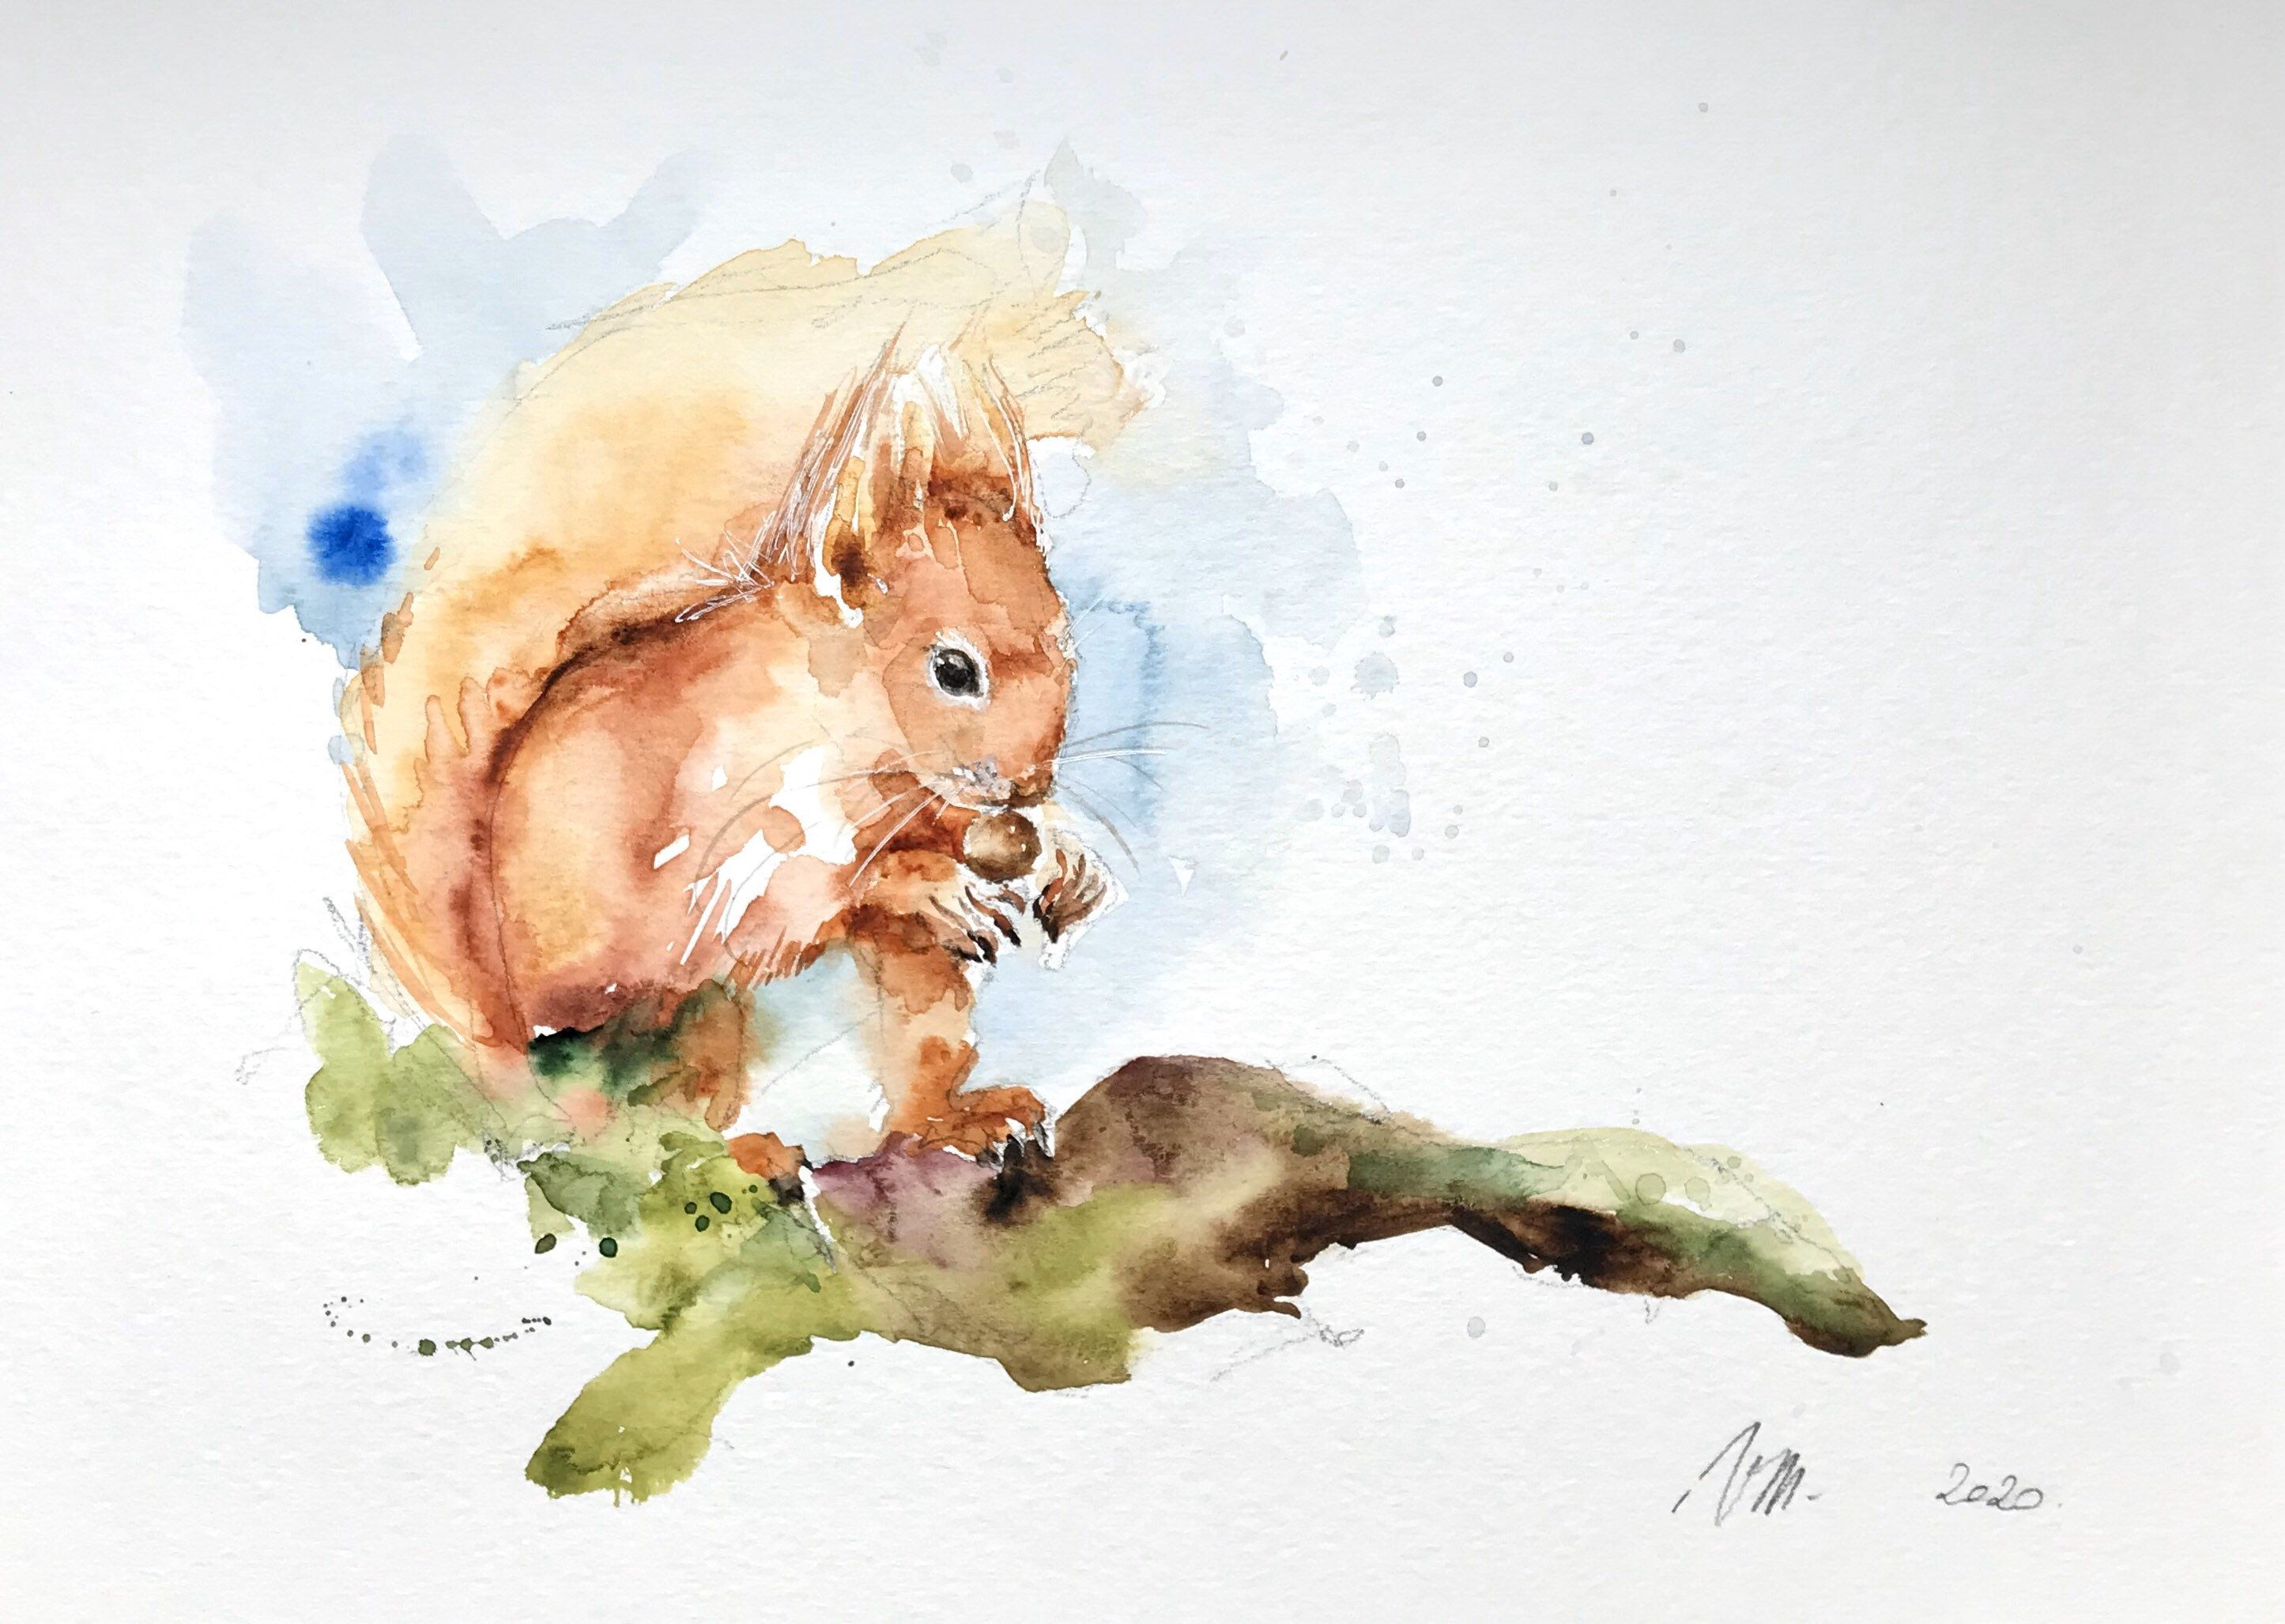 Aquarelle Peinture Originale L Ecureuil Roux Foret Paysage